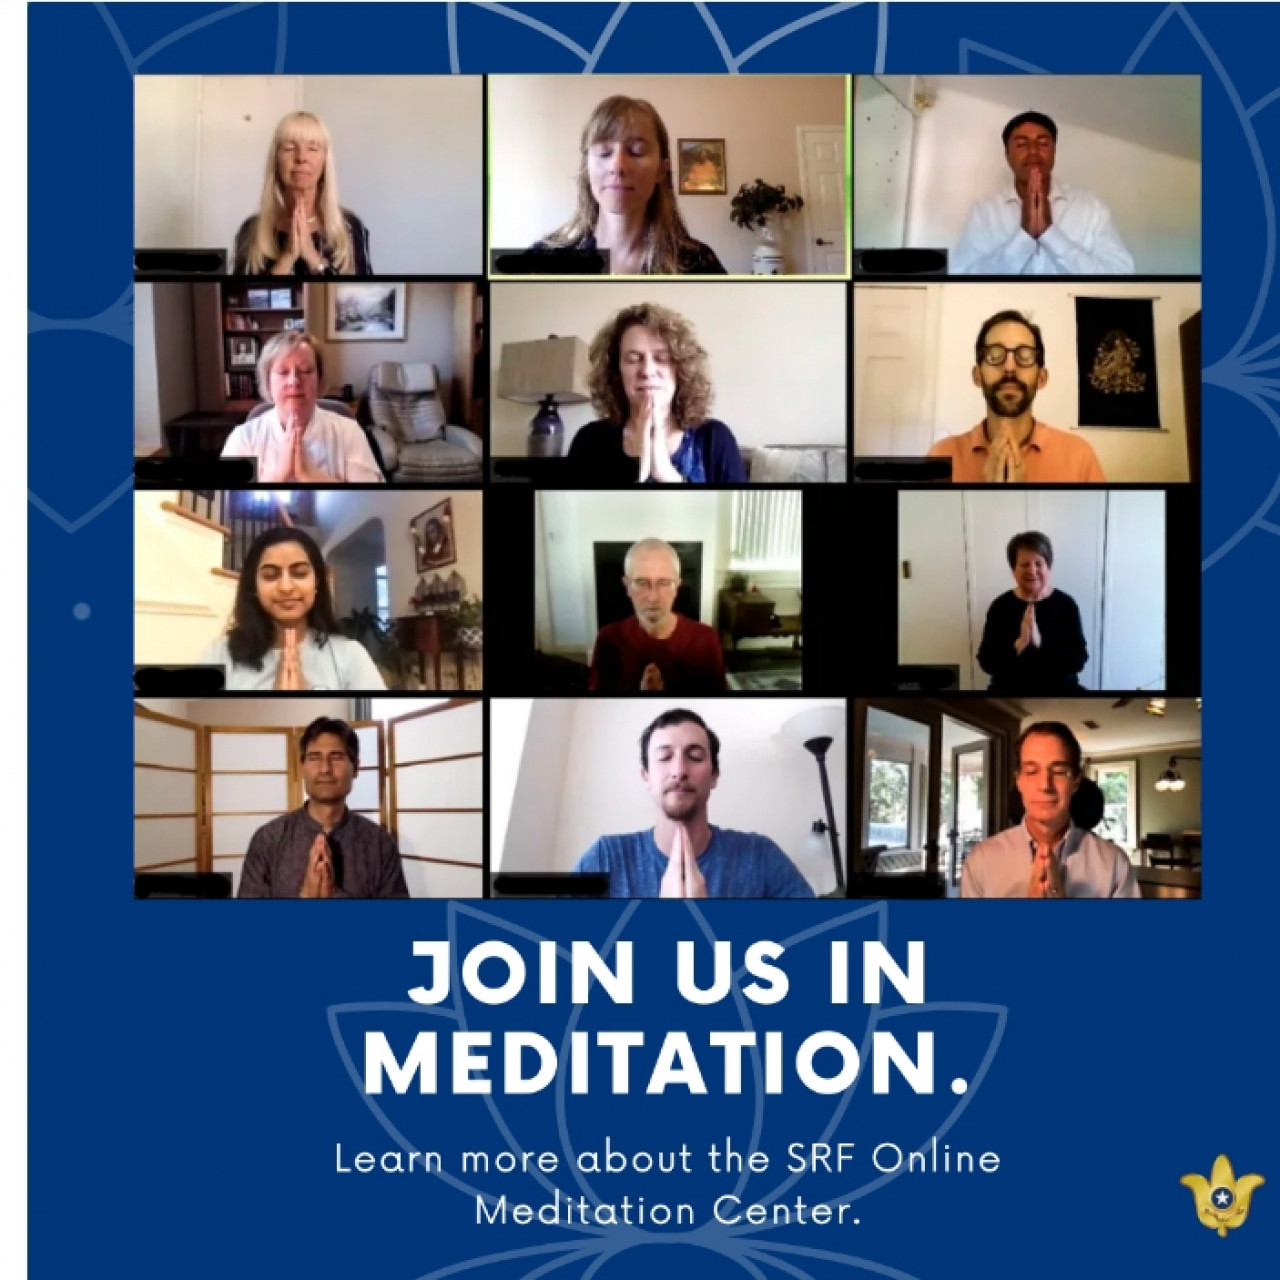 Online Meditation Center Join Us